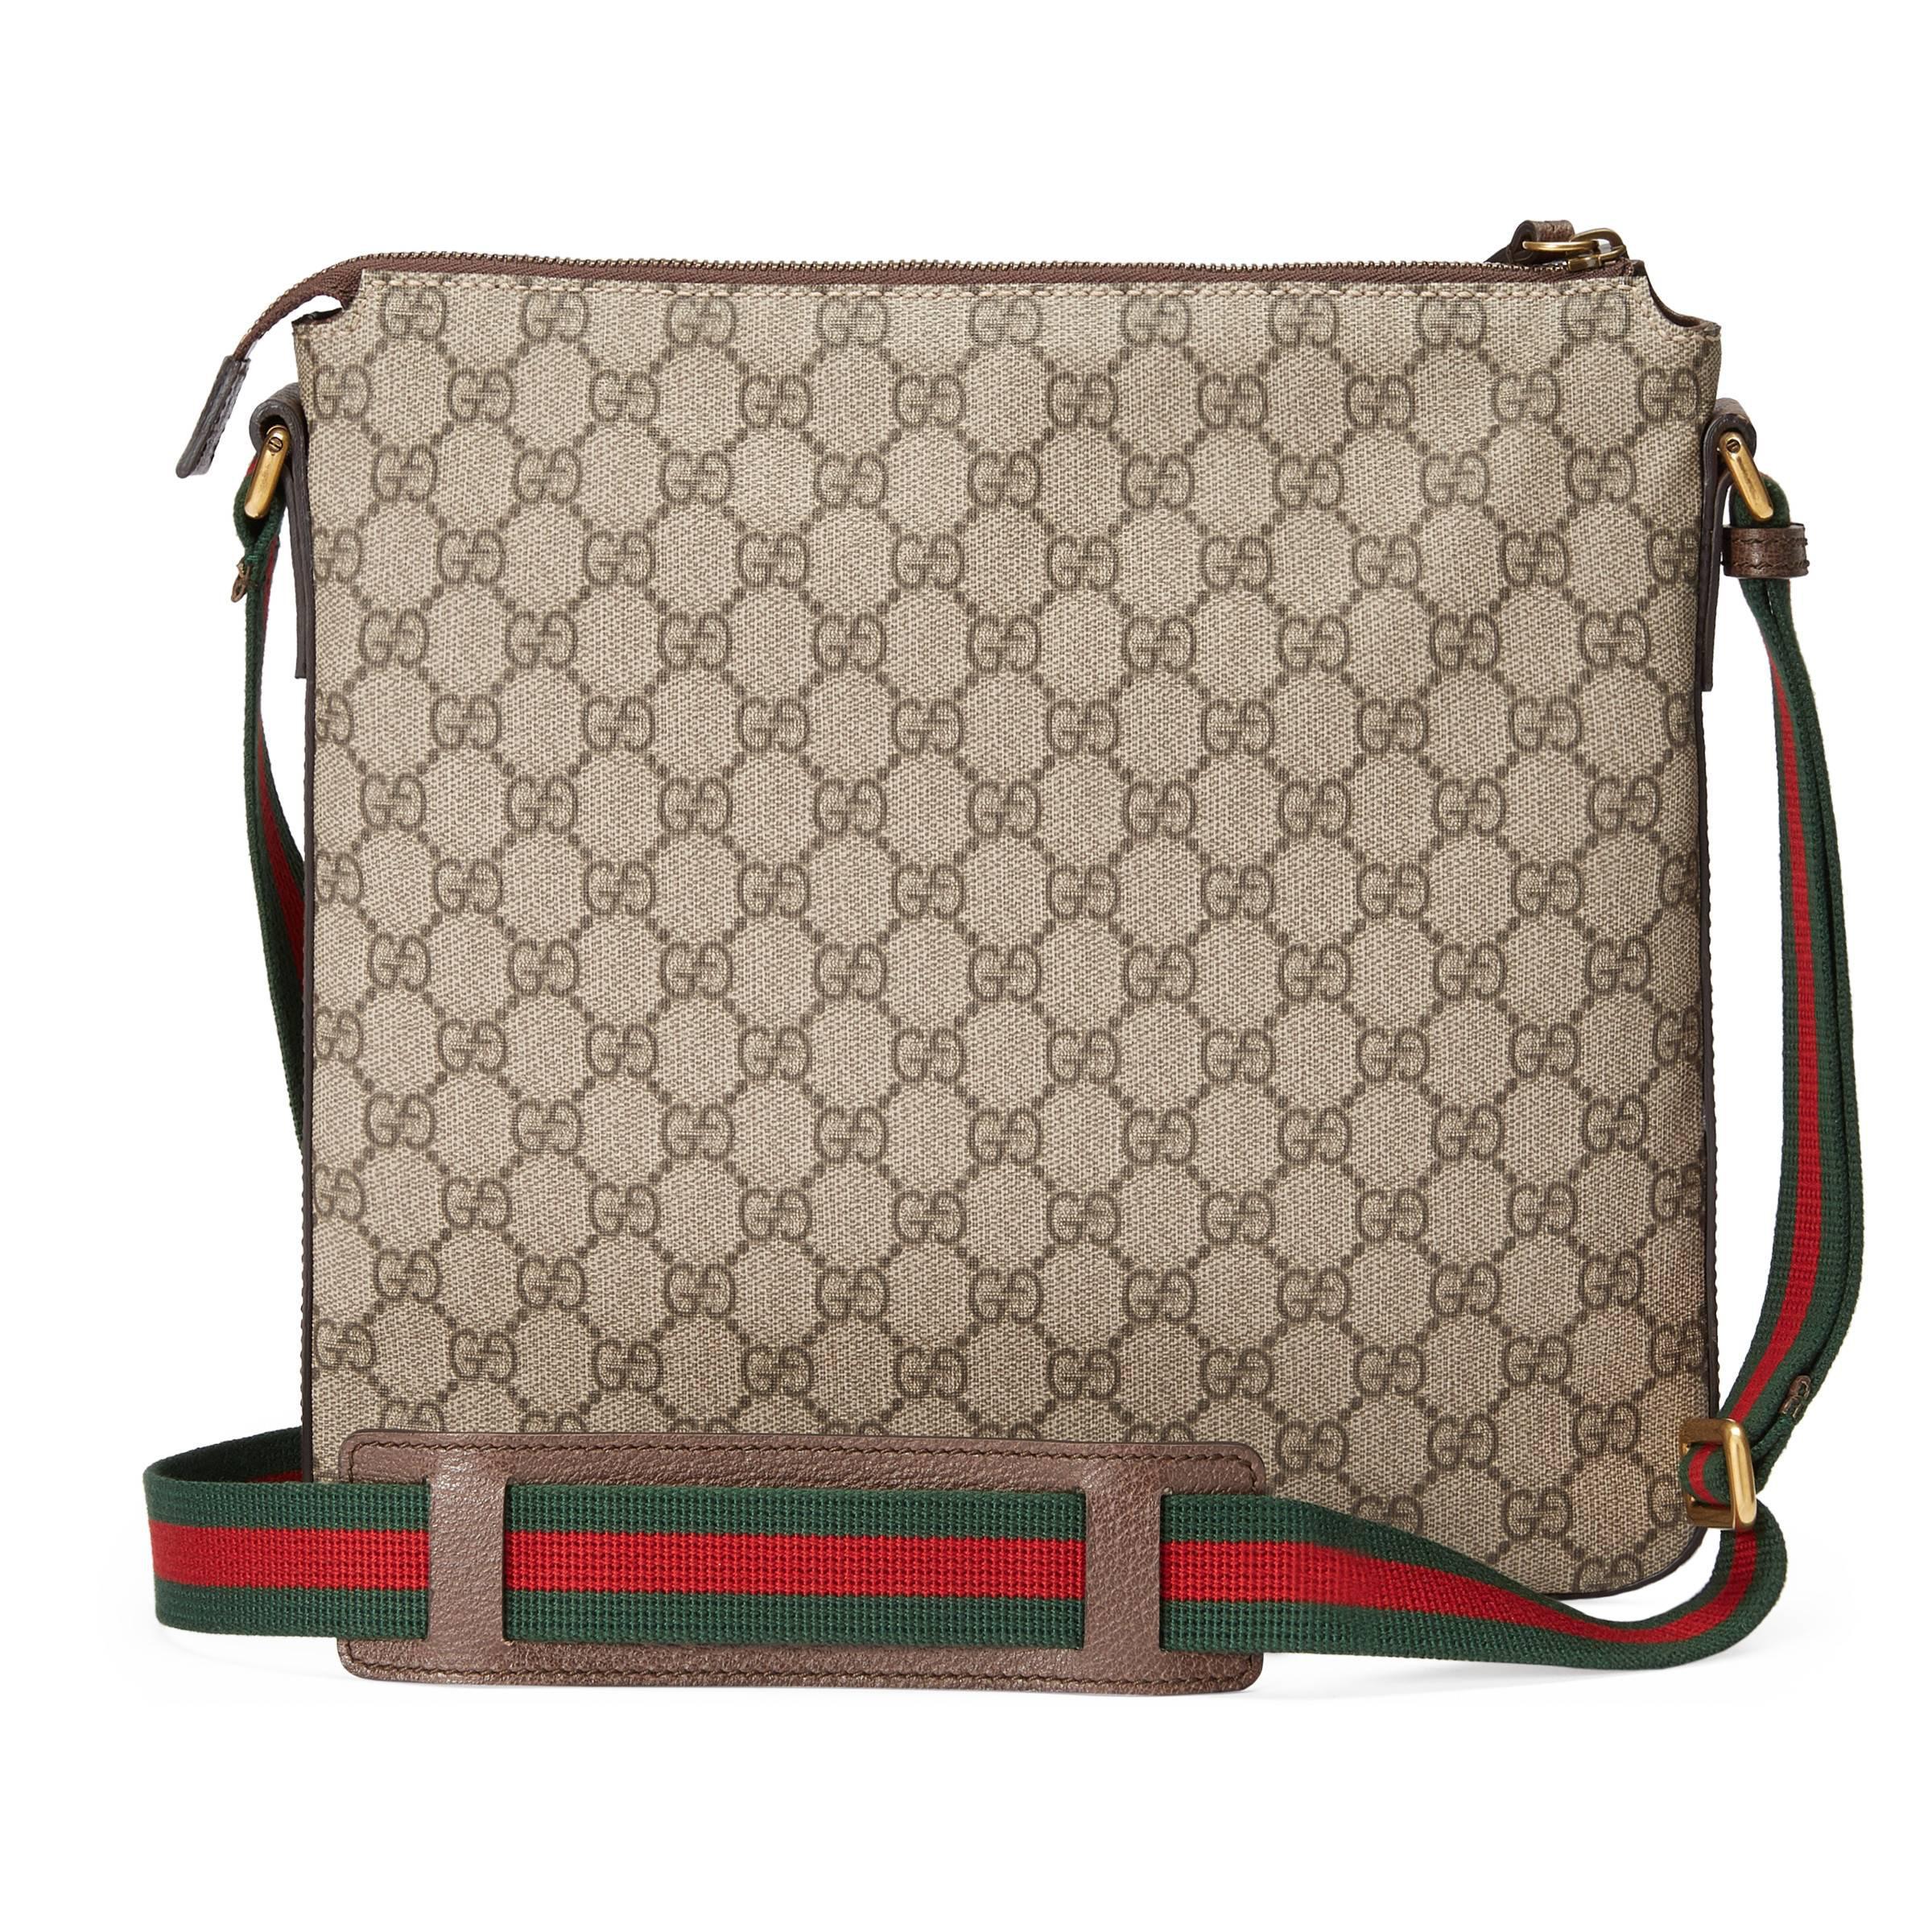 Gucci - Multicolor Sac à bandoulière en toile suprême GG souple avec motifs  Courrier for Men. Afficher en plein écran b9595590d0b